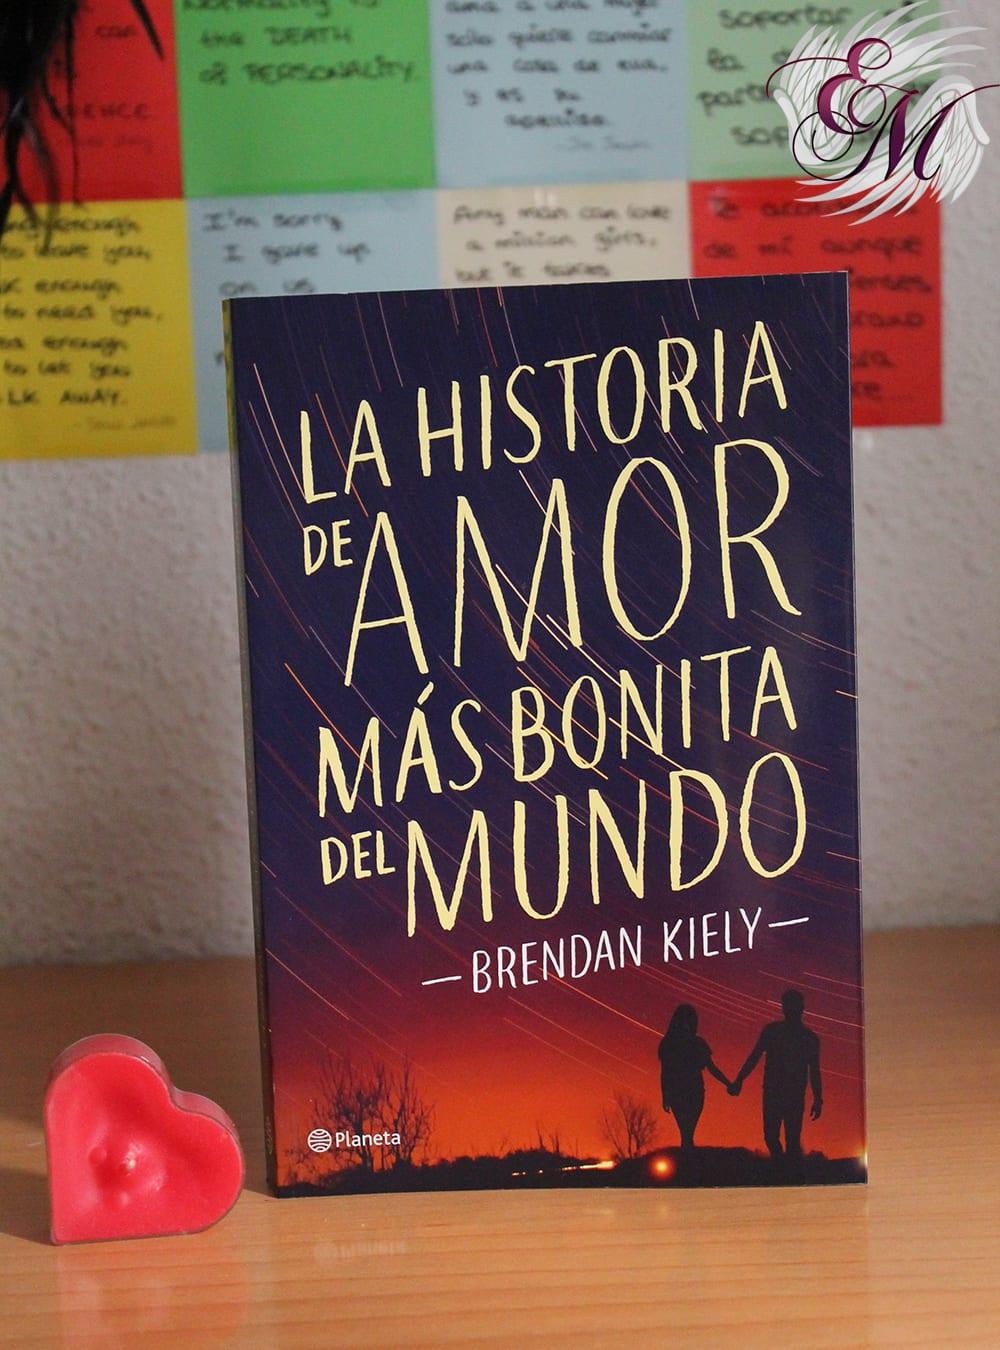 La historia de amor más bonita del mundo, de Brendan Kiely - Reseña